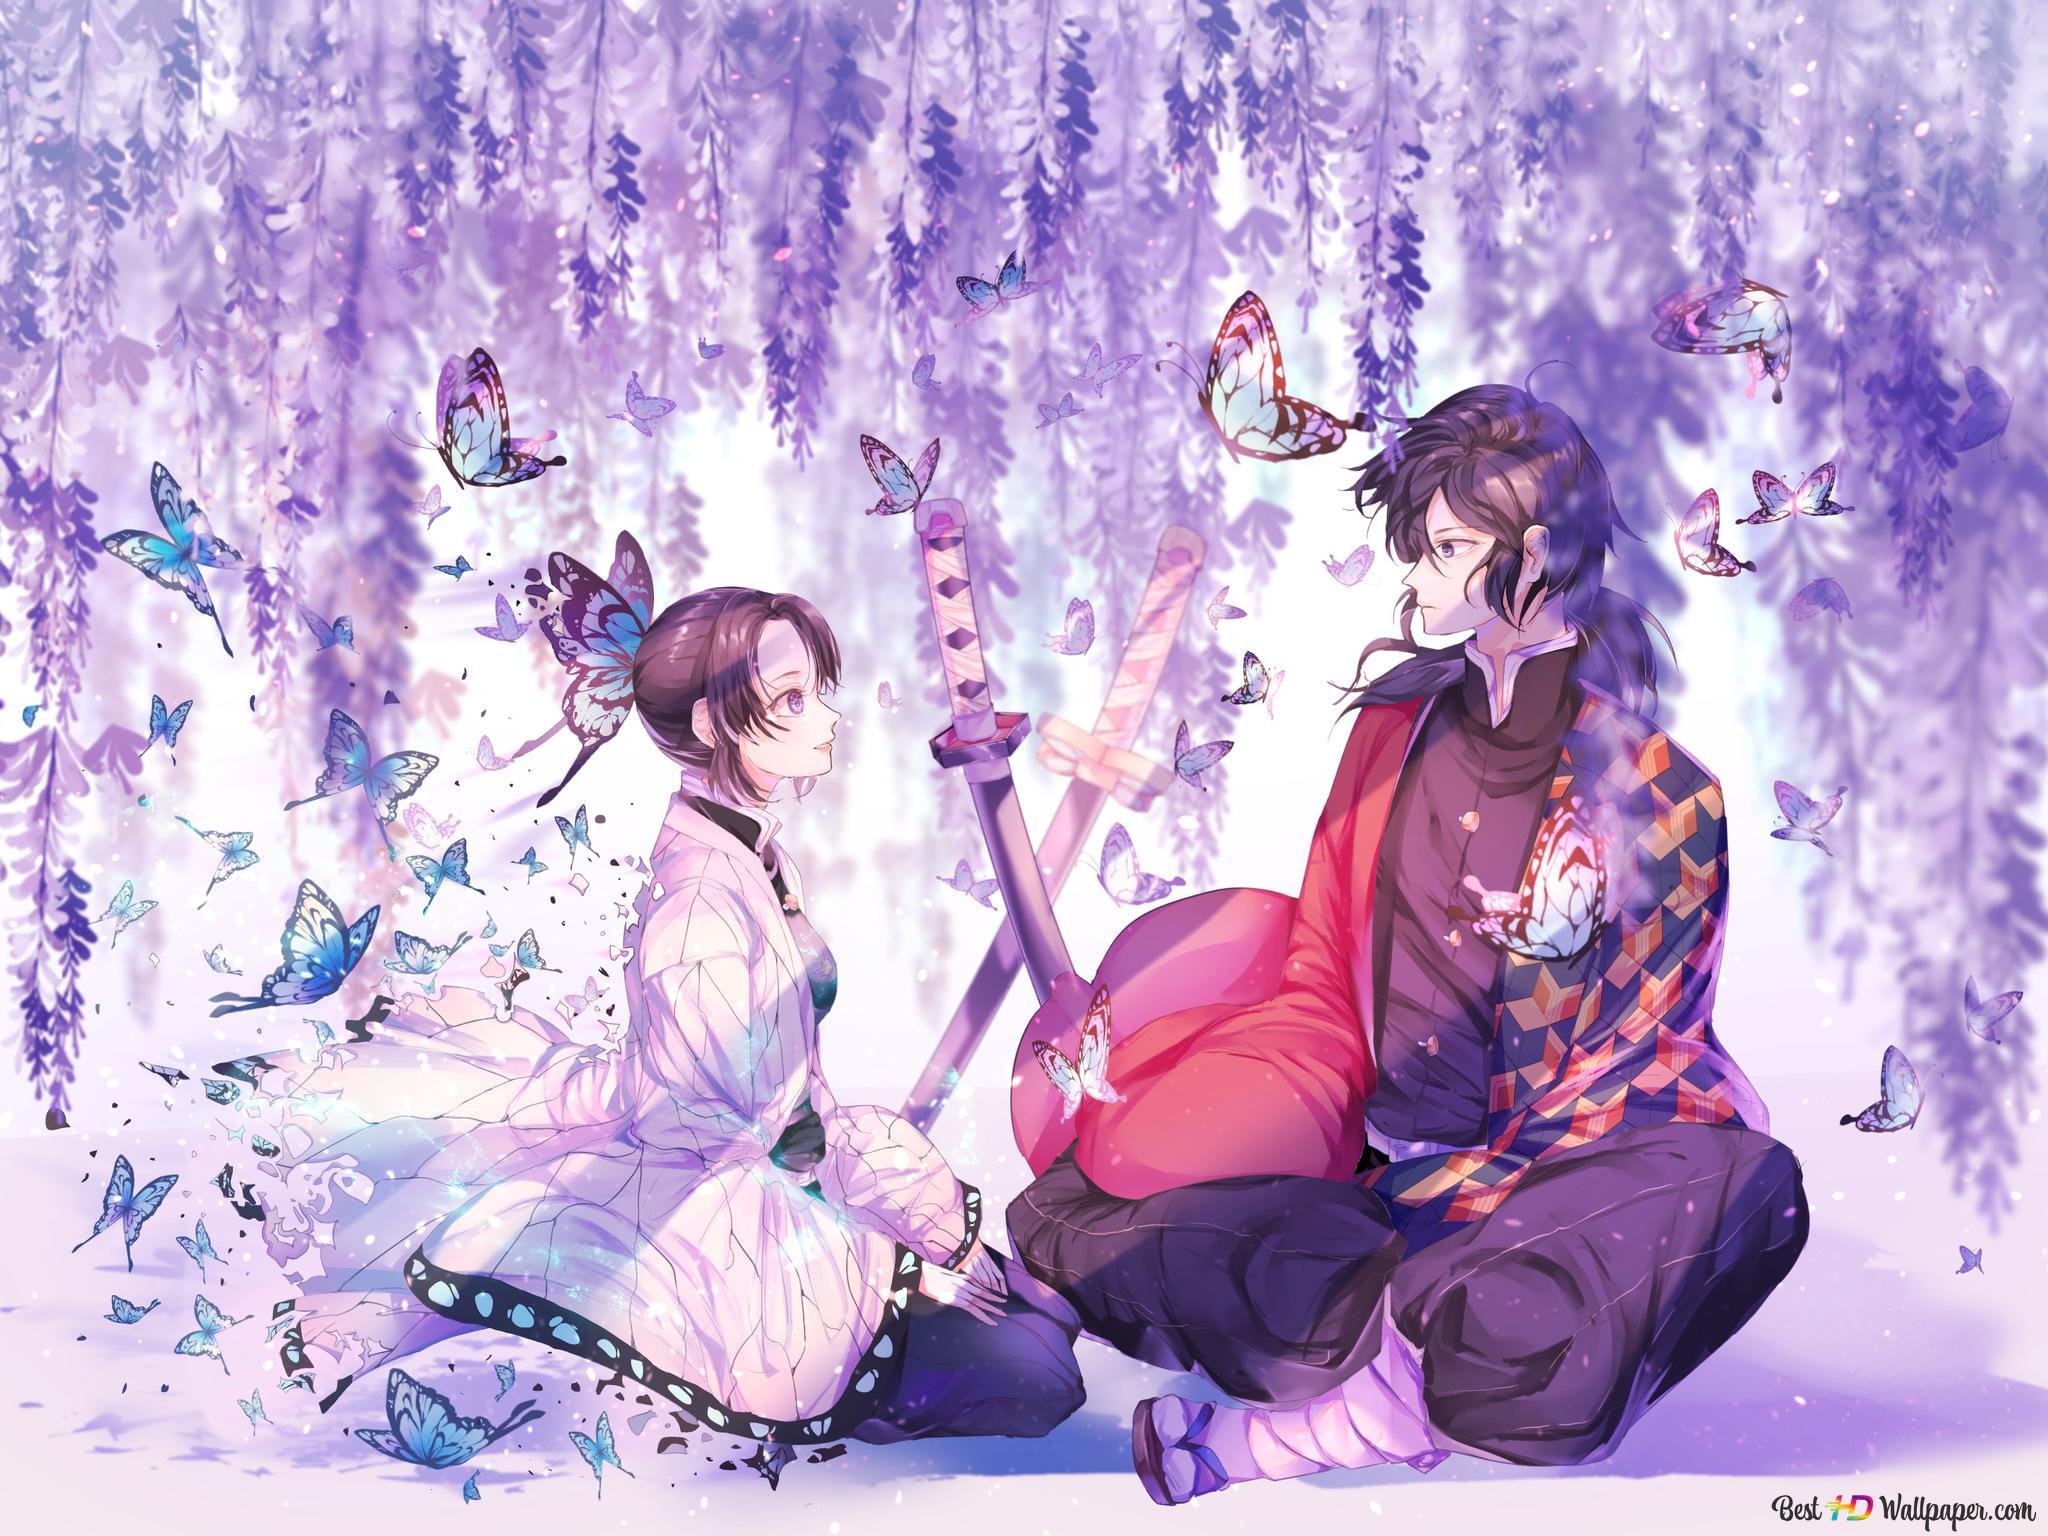 紫色の藤と蝶の背景を持つhas Hiraの忍とgiyu Hd壁紙のダウンロード